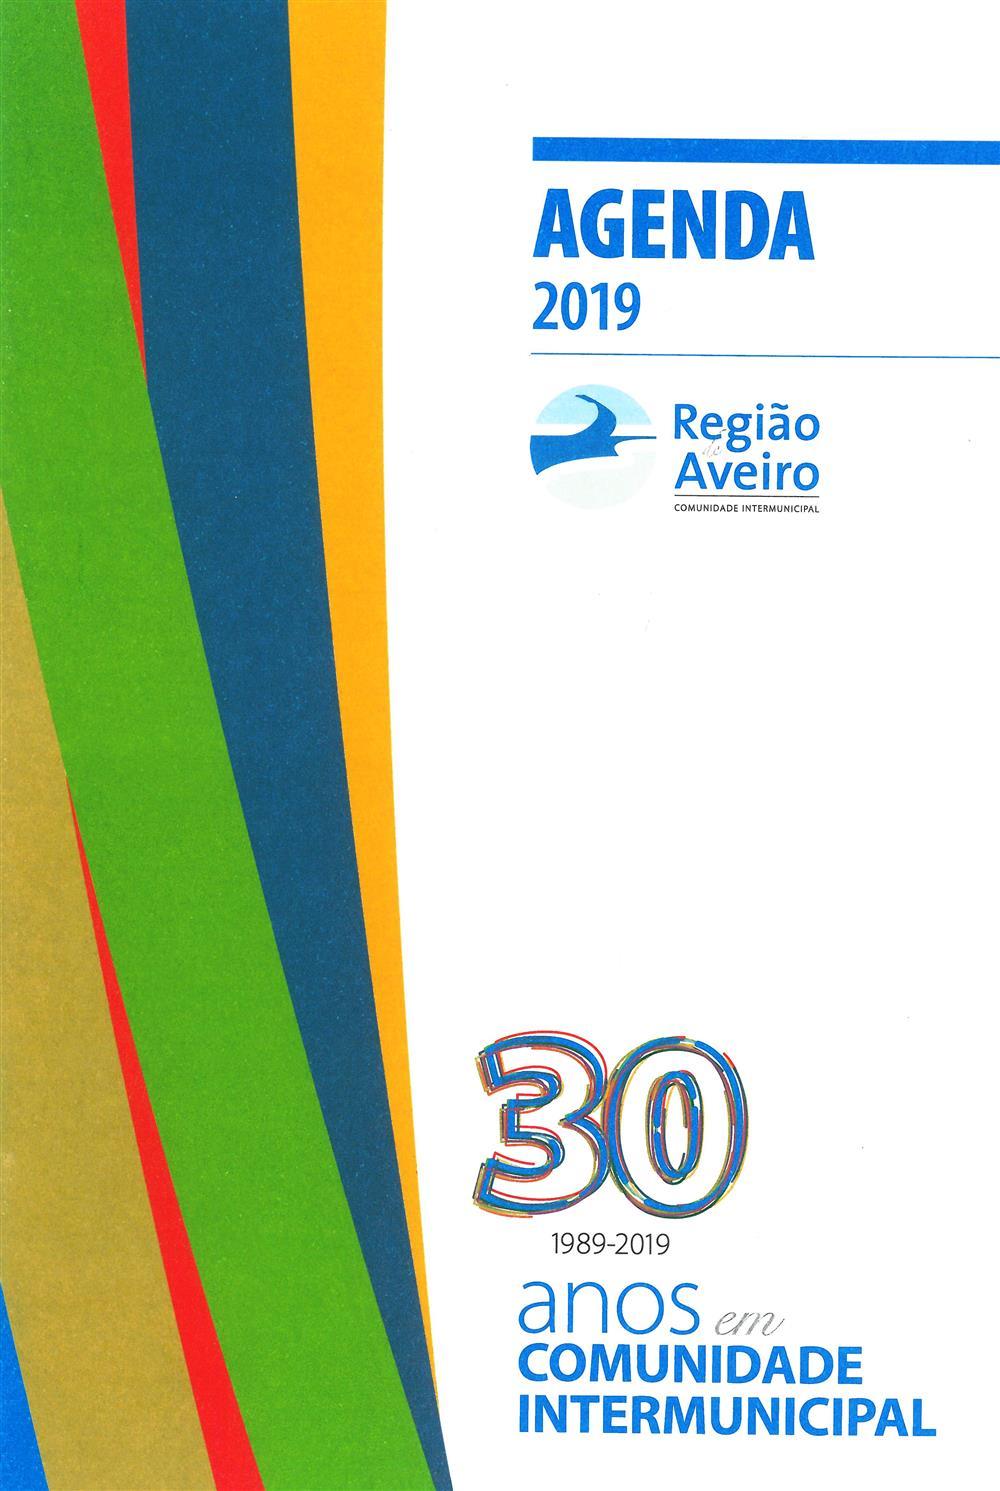 AgRegAveiro-2019-capa-30 anos de Comunidade Intermunicipal.jpg